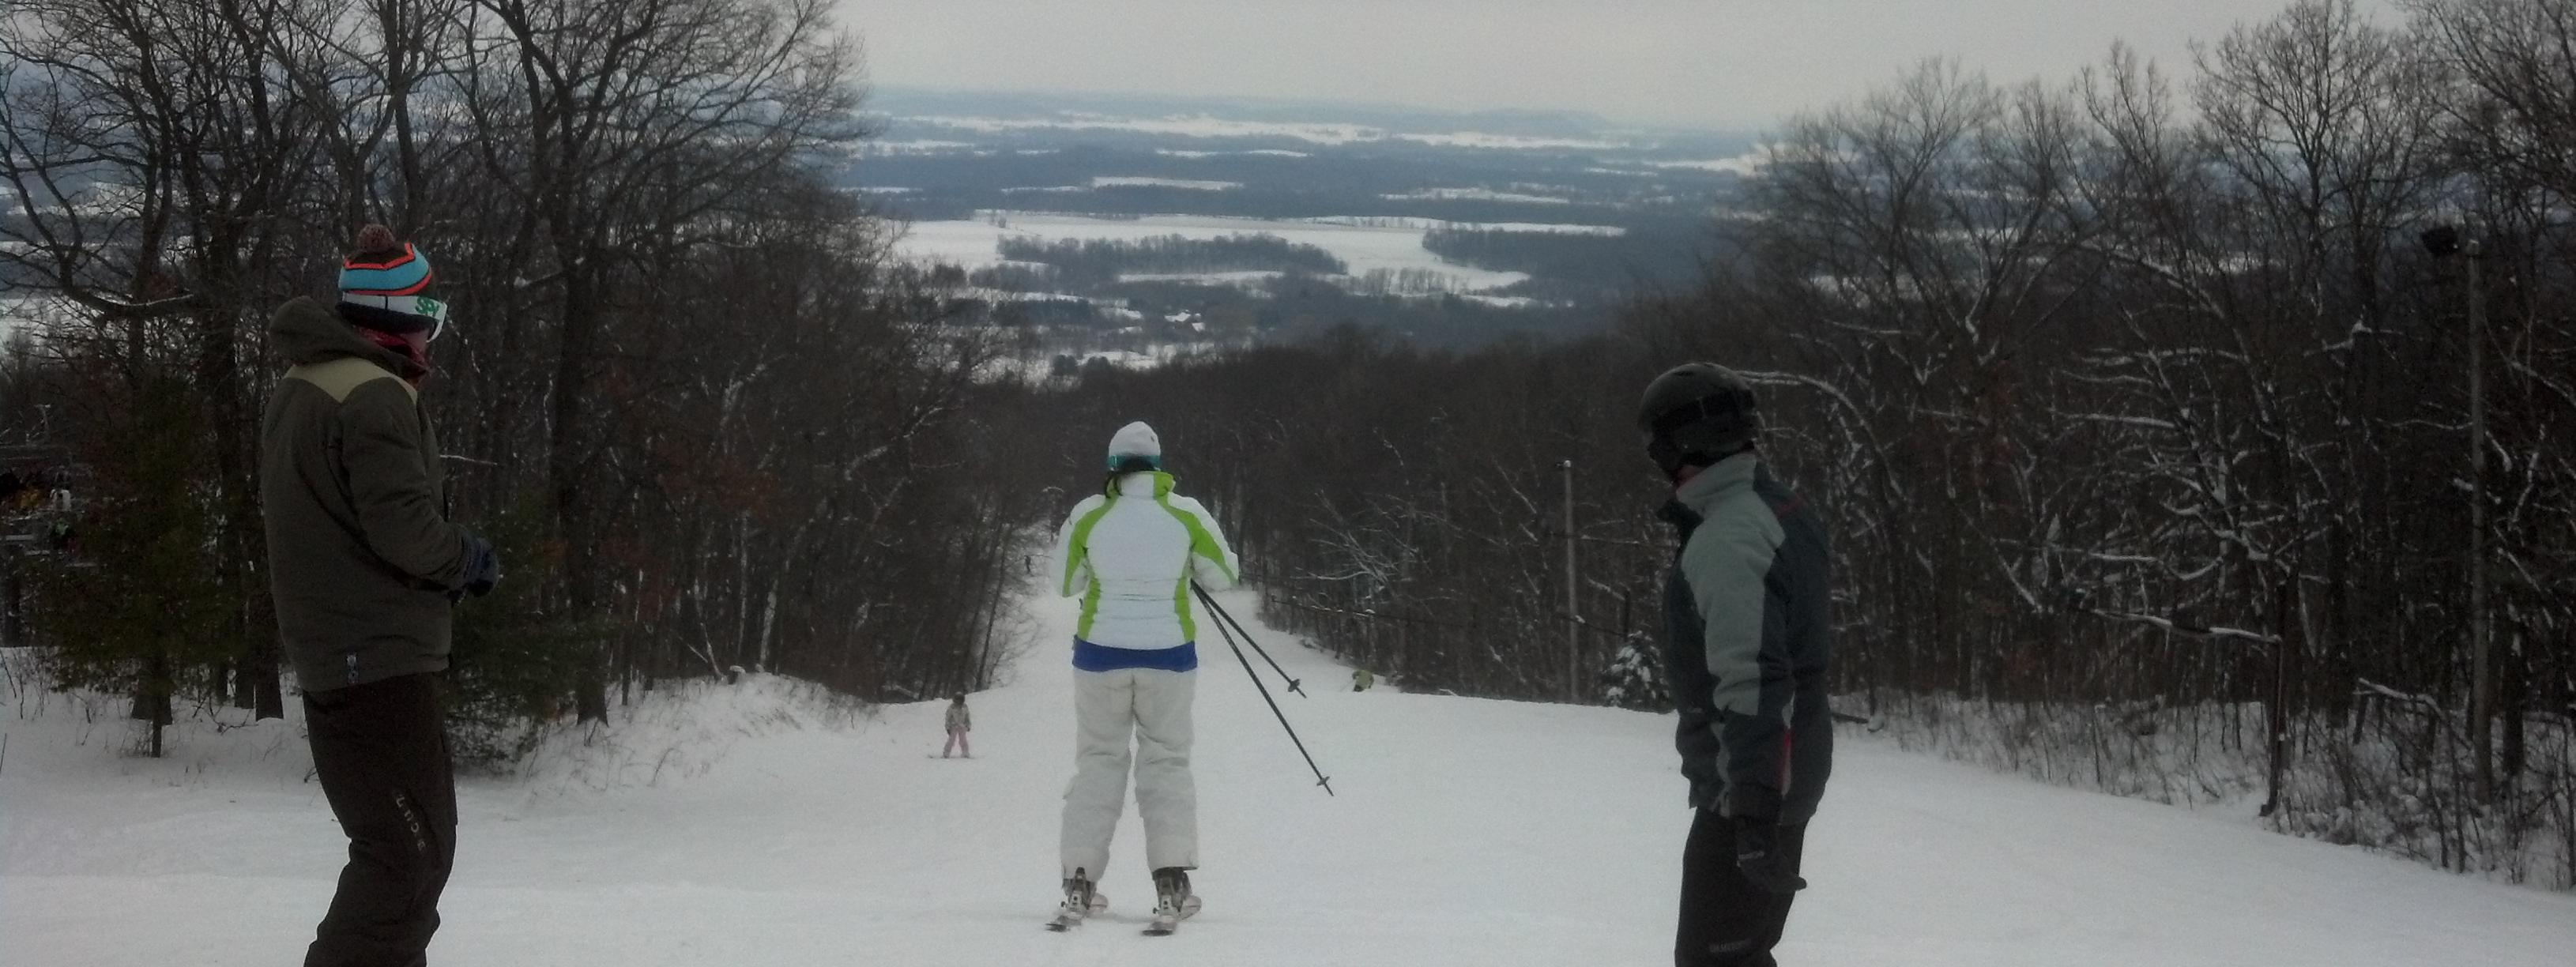 devil's head (@devilshead) ski resort review – the wisconsin skier